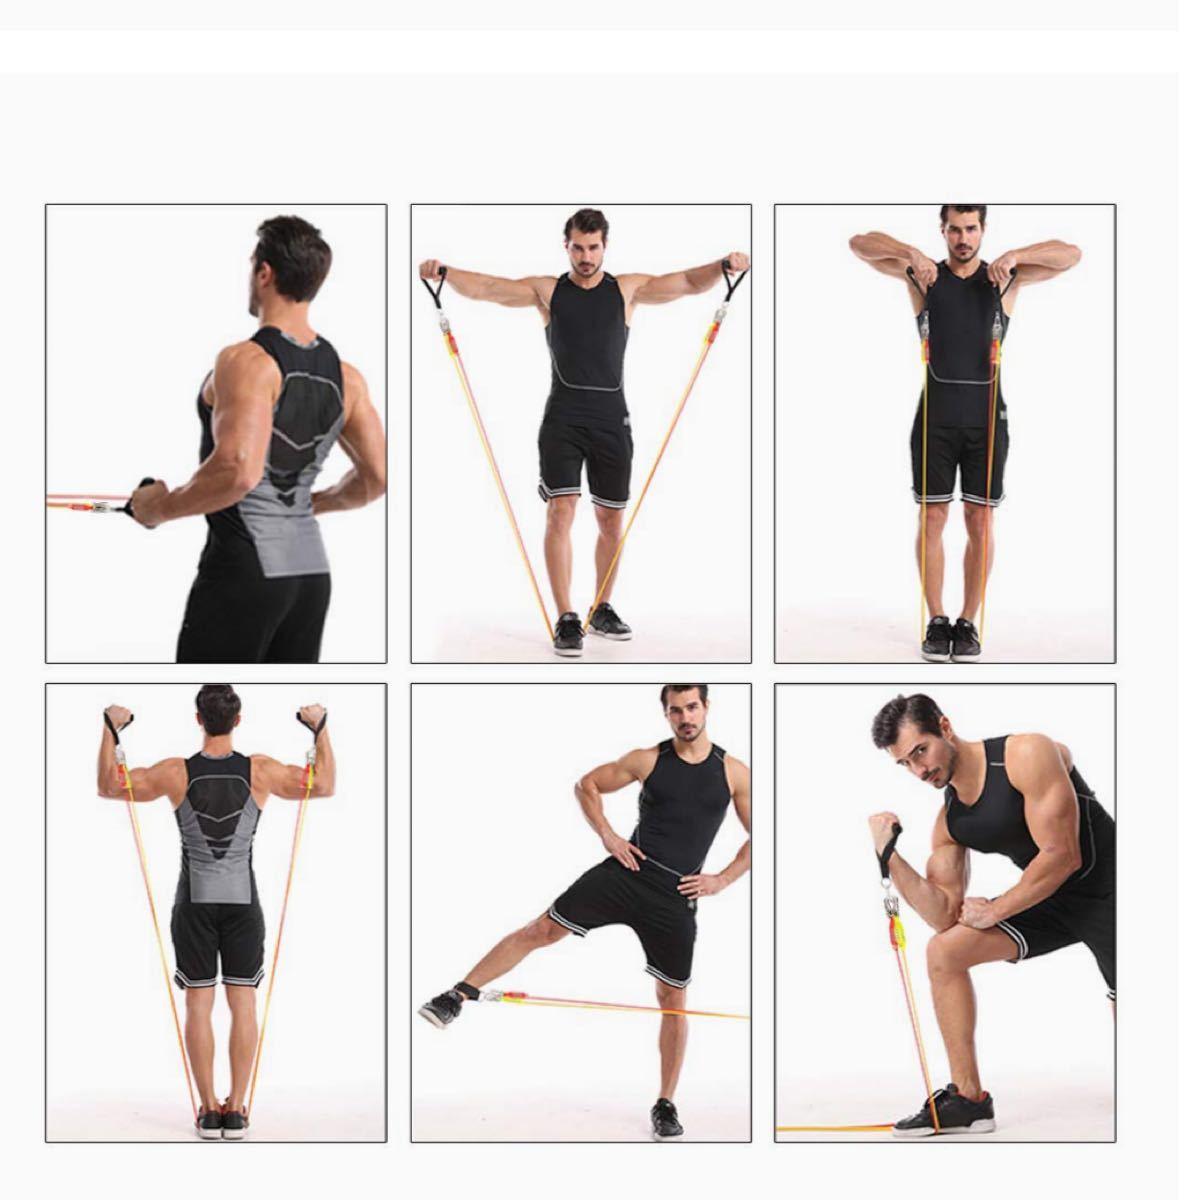 トレーニングチューブ 超強化 チューブトレーニング